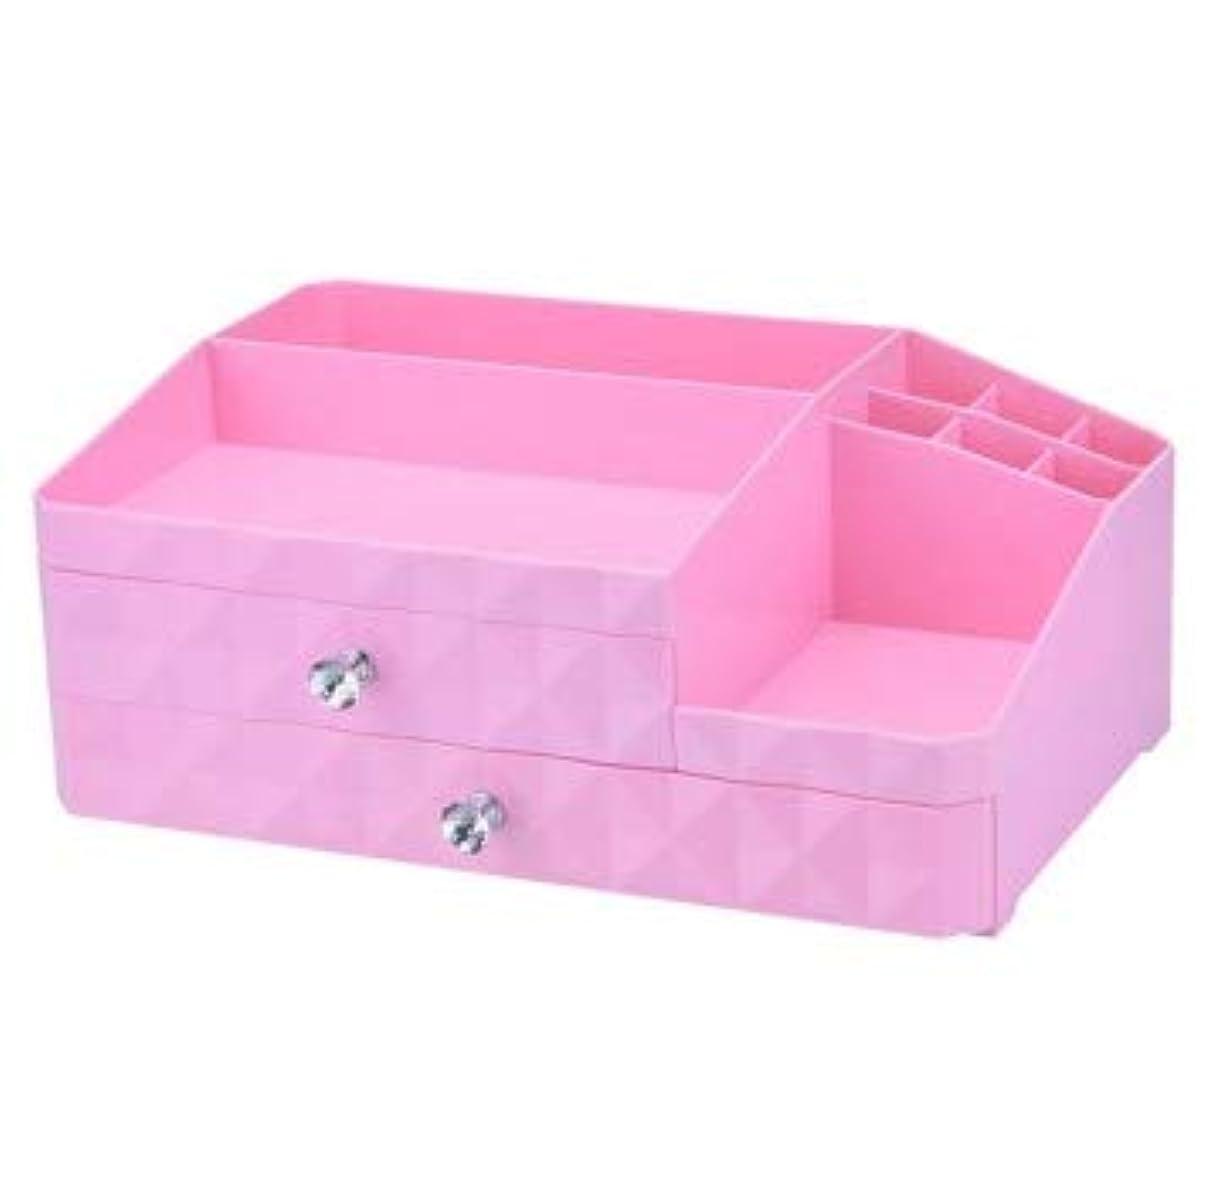 外科医会計士構造的デスクトップジュエリーボックス引き出し化粧品収納ボックス三層プラスチック仕上げボックス (Color : ピンク)